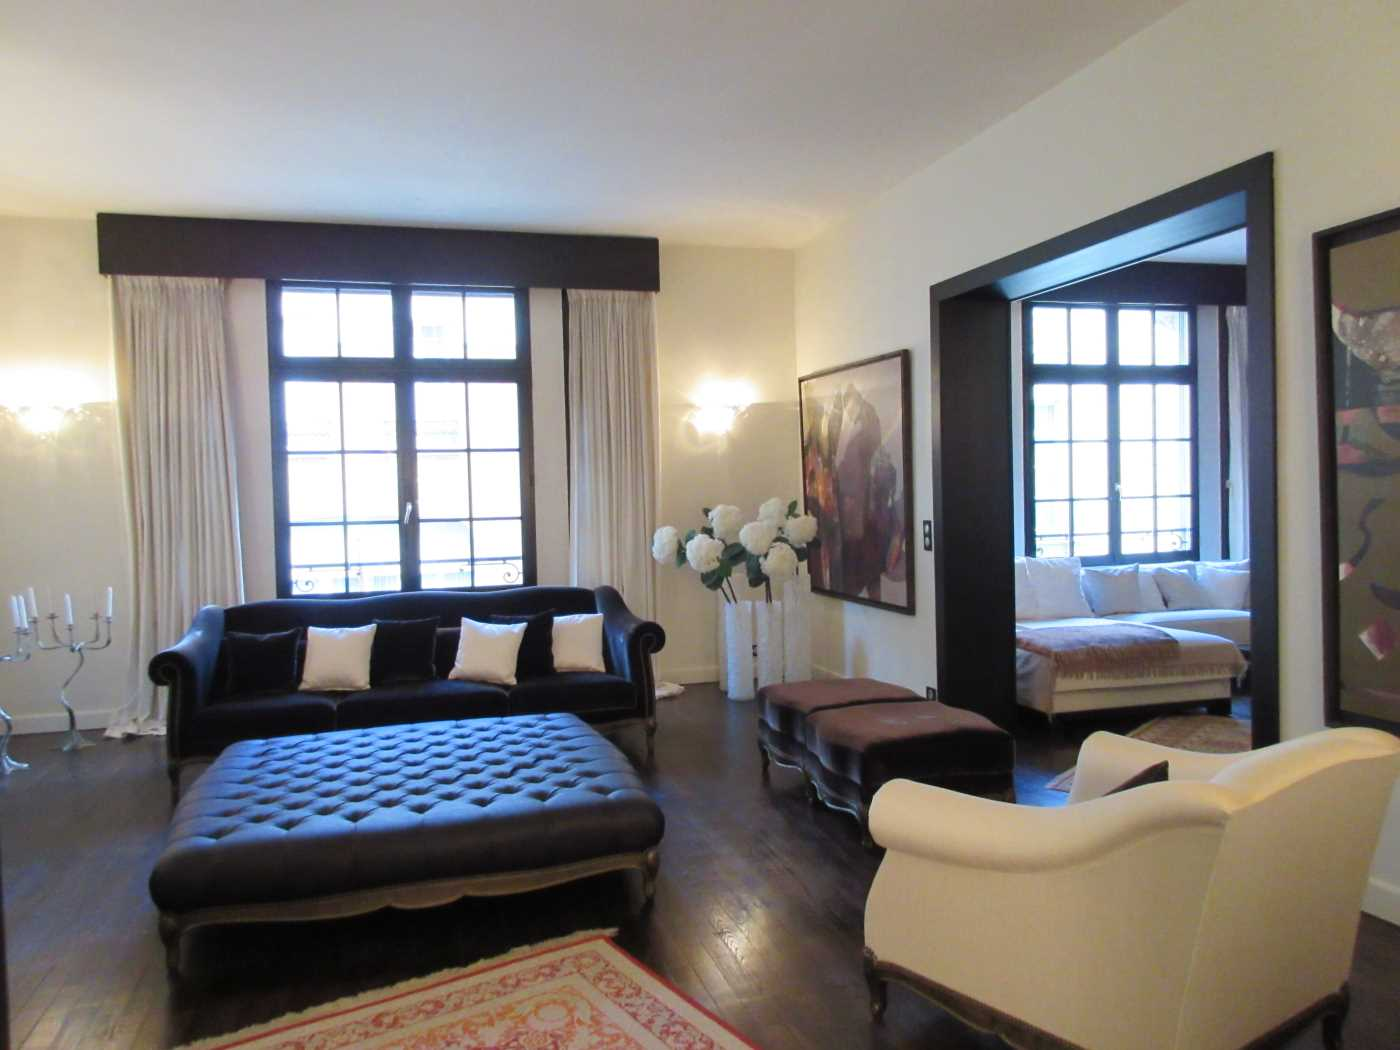 Location Appartement Meuble Paris 16 Cattalan Johnson Immobilier